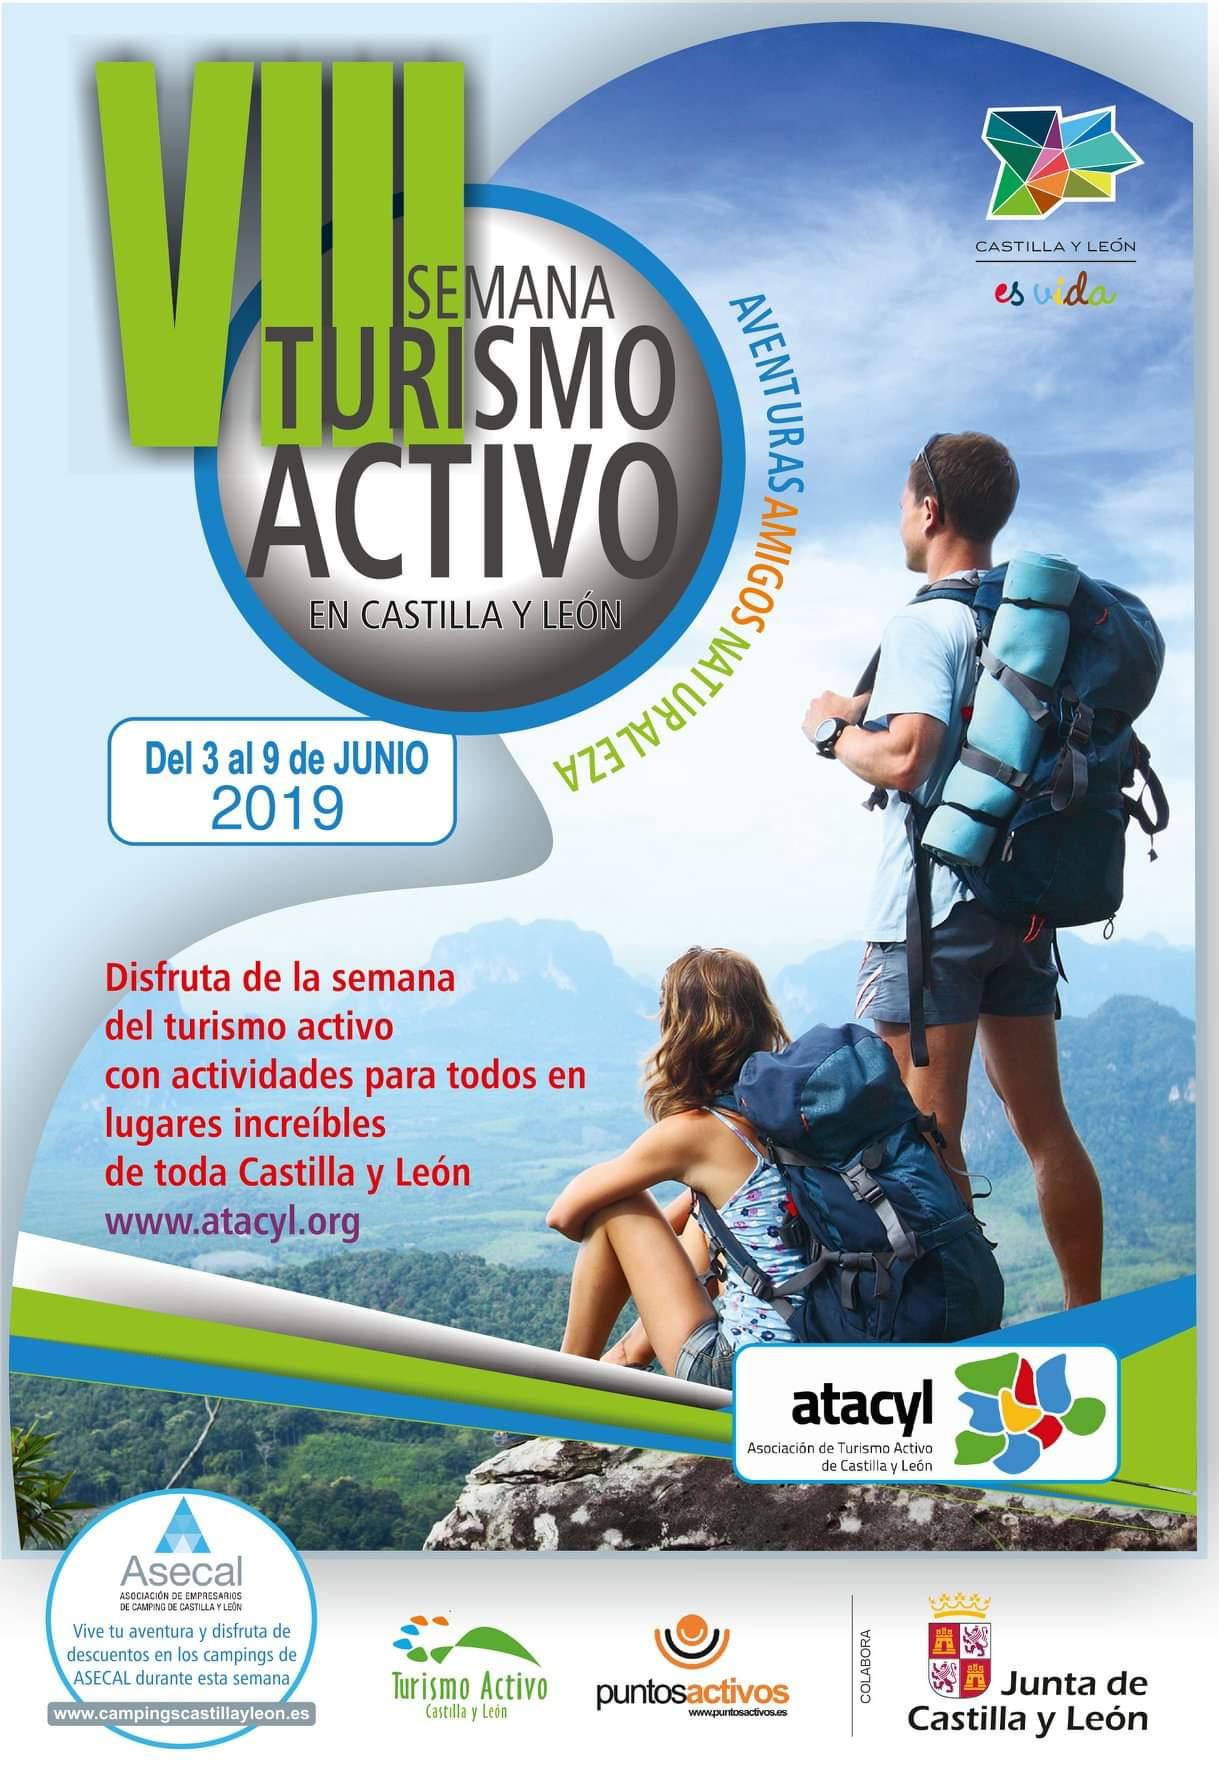 VIII Semana del Turismo Activo de Castilla y León